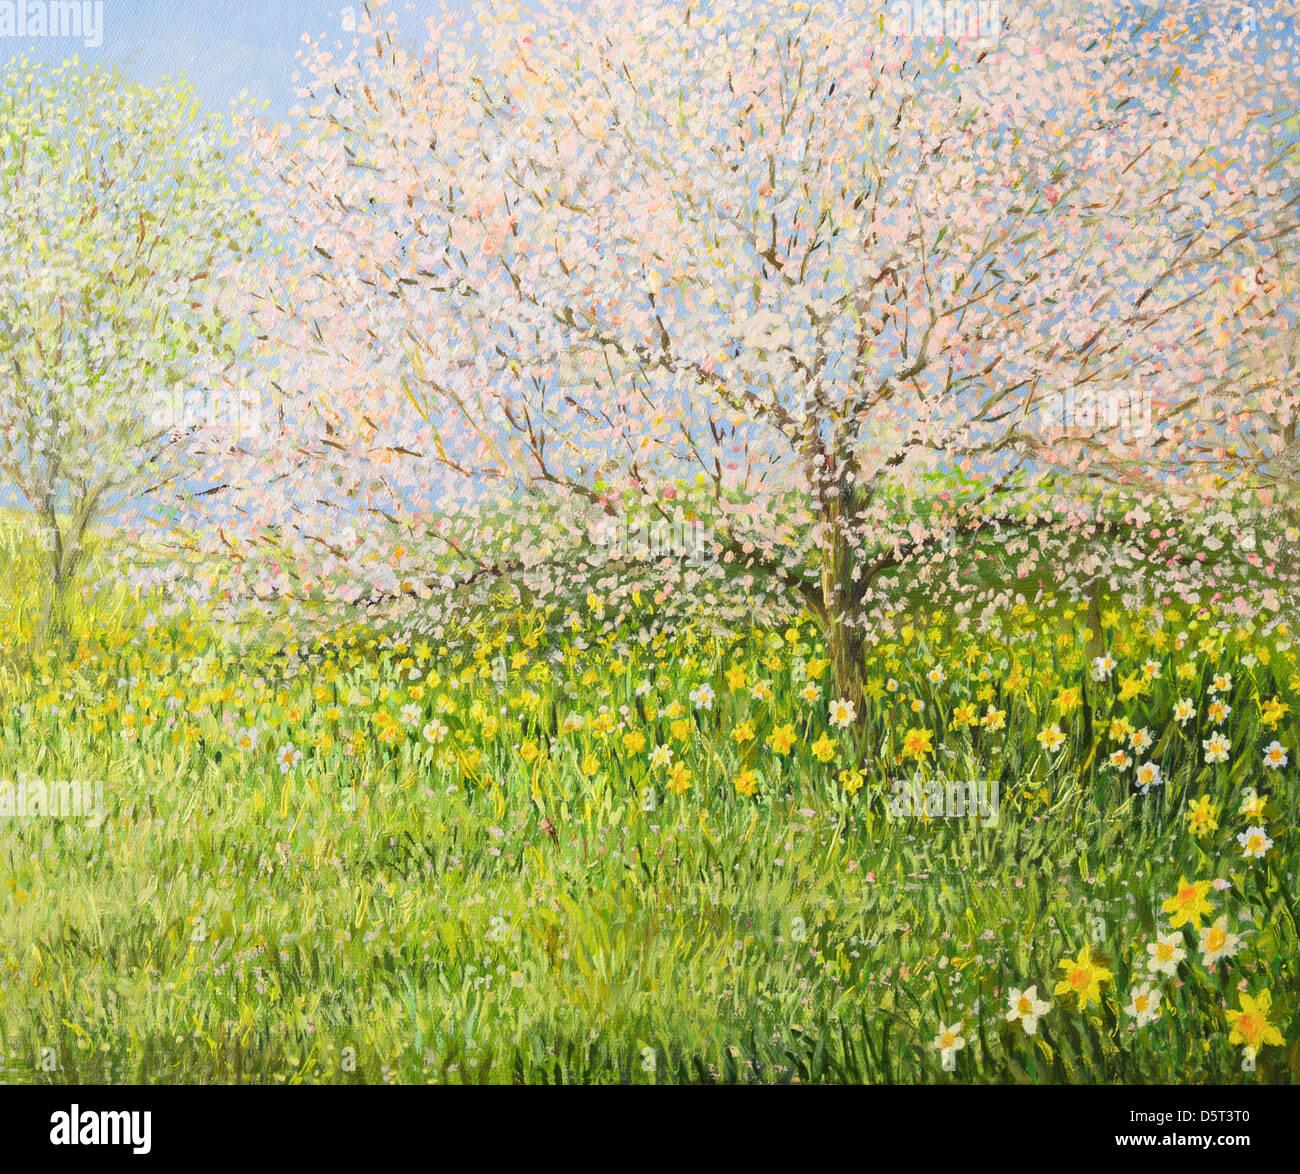 Un dipinto ad olio su tela di una primavera paesaggio naturale con alberi in fiore e colorato prato pieno di narcisi. Immagini Stock